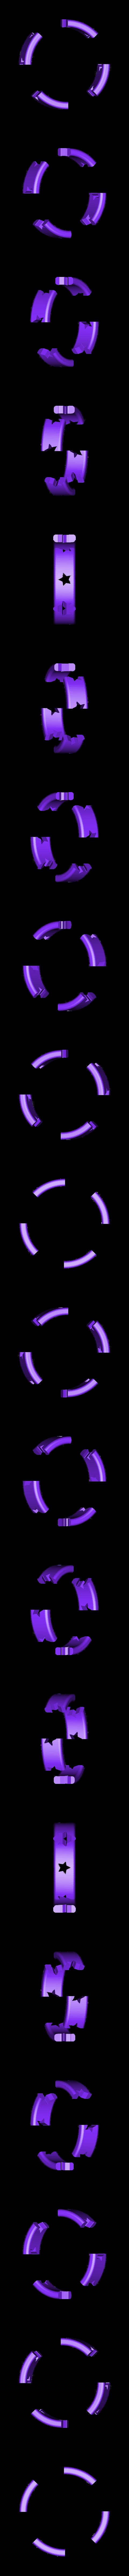 Ring2.STL Télécharger fichier STL gratuit Bracelet étoile - Diamond Hotend • Design imprimable en 3D, Balkhagal4D